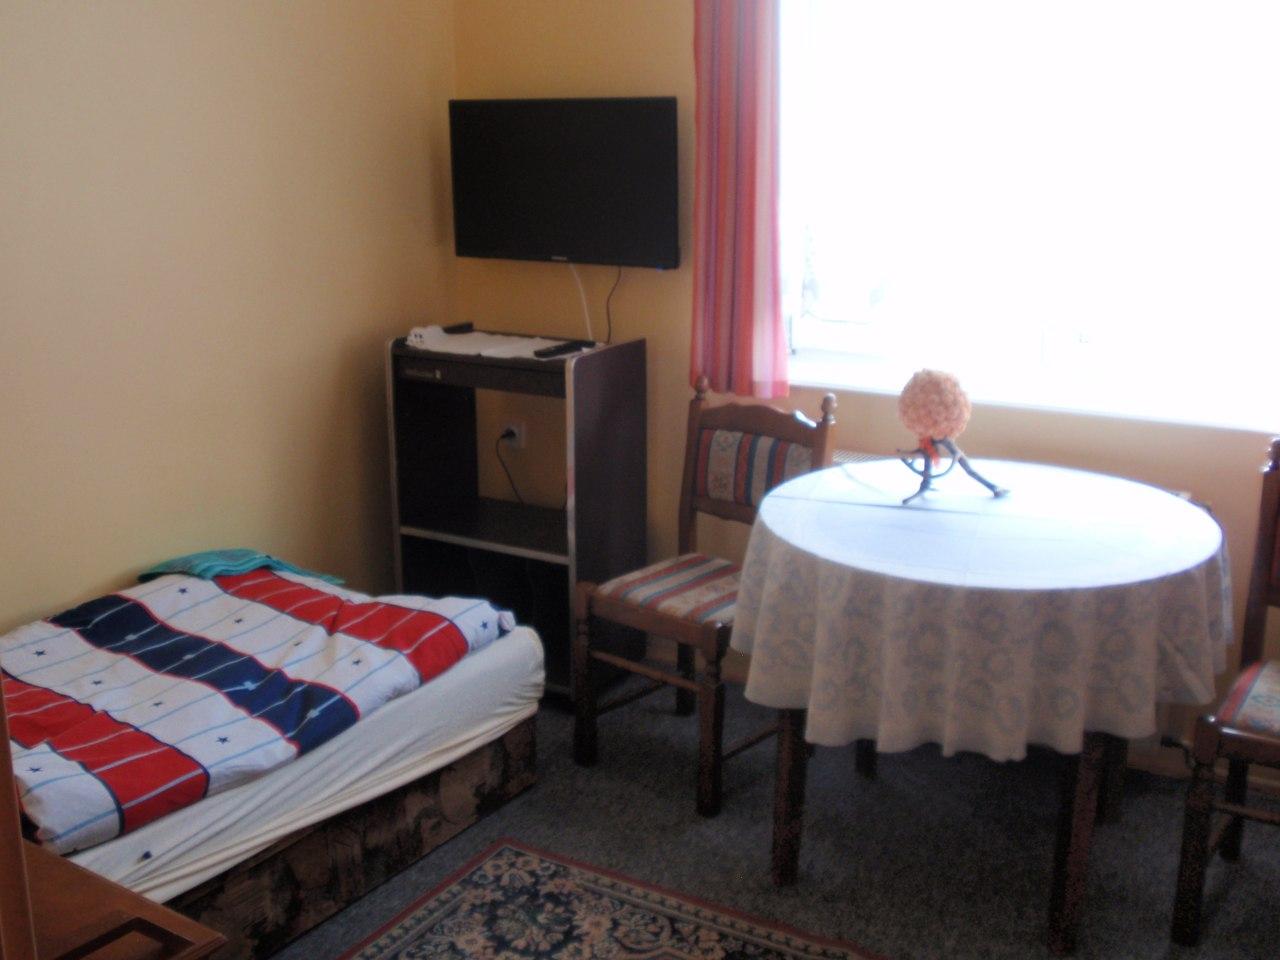 Pokój z dwoma oddzielnymi łóżkami